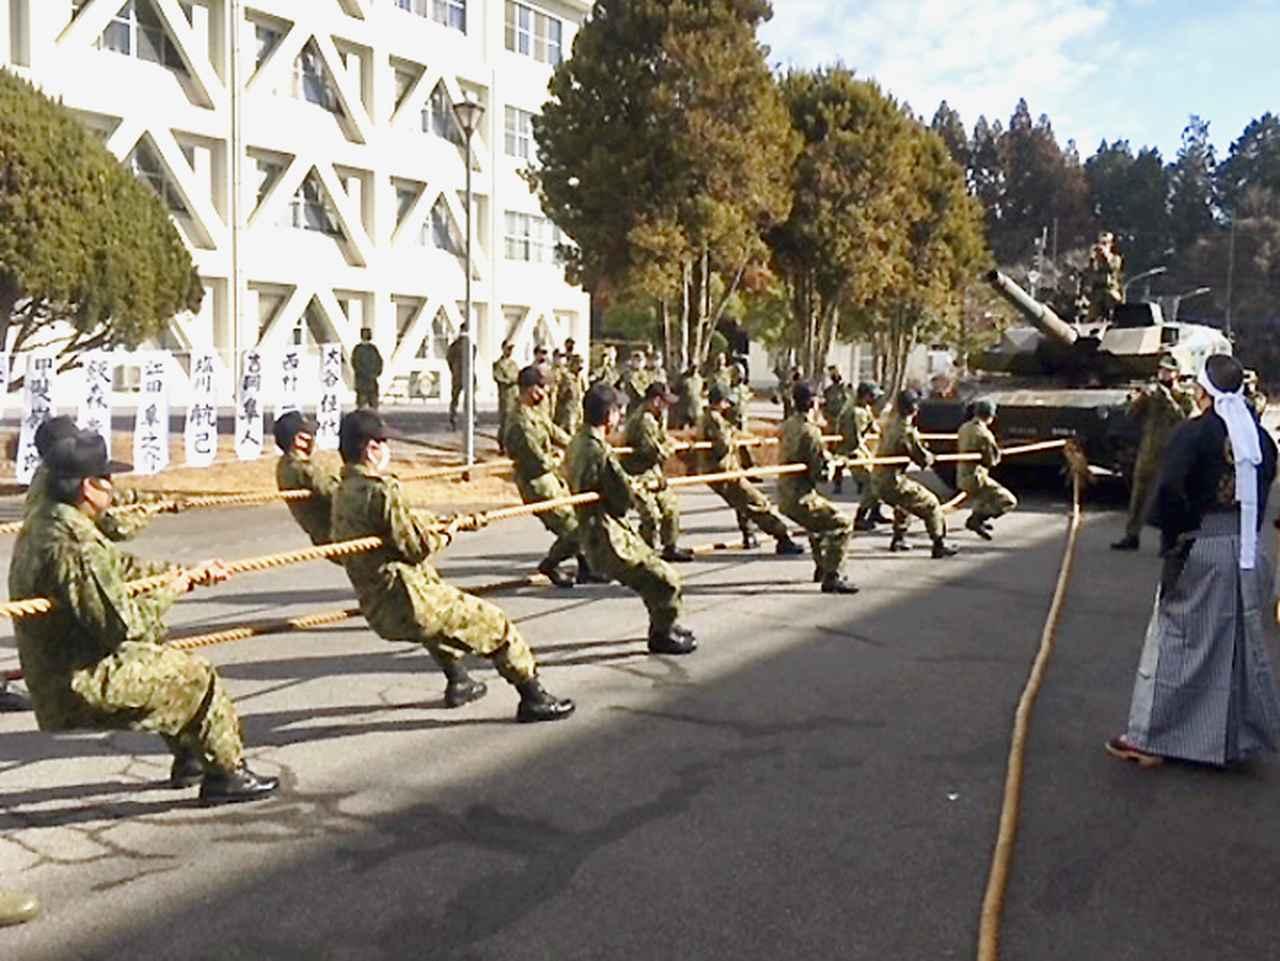 画像3: 「新成人の主張」19人が屋上から感謝や目標を披露|玖珠駐屯地